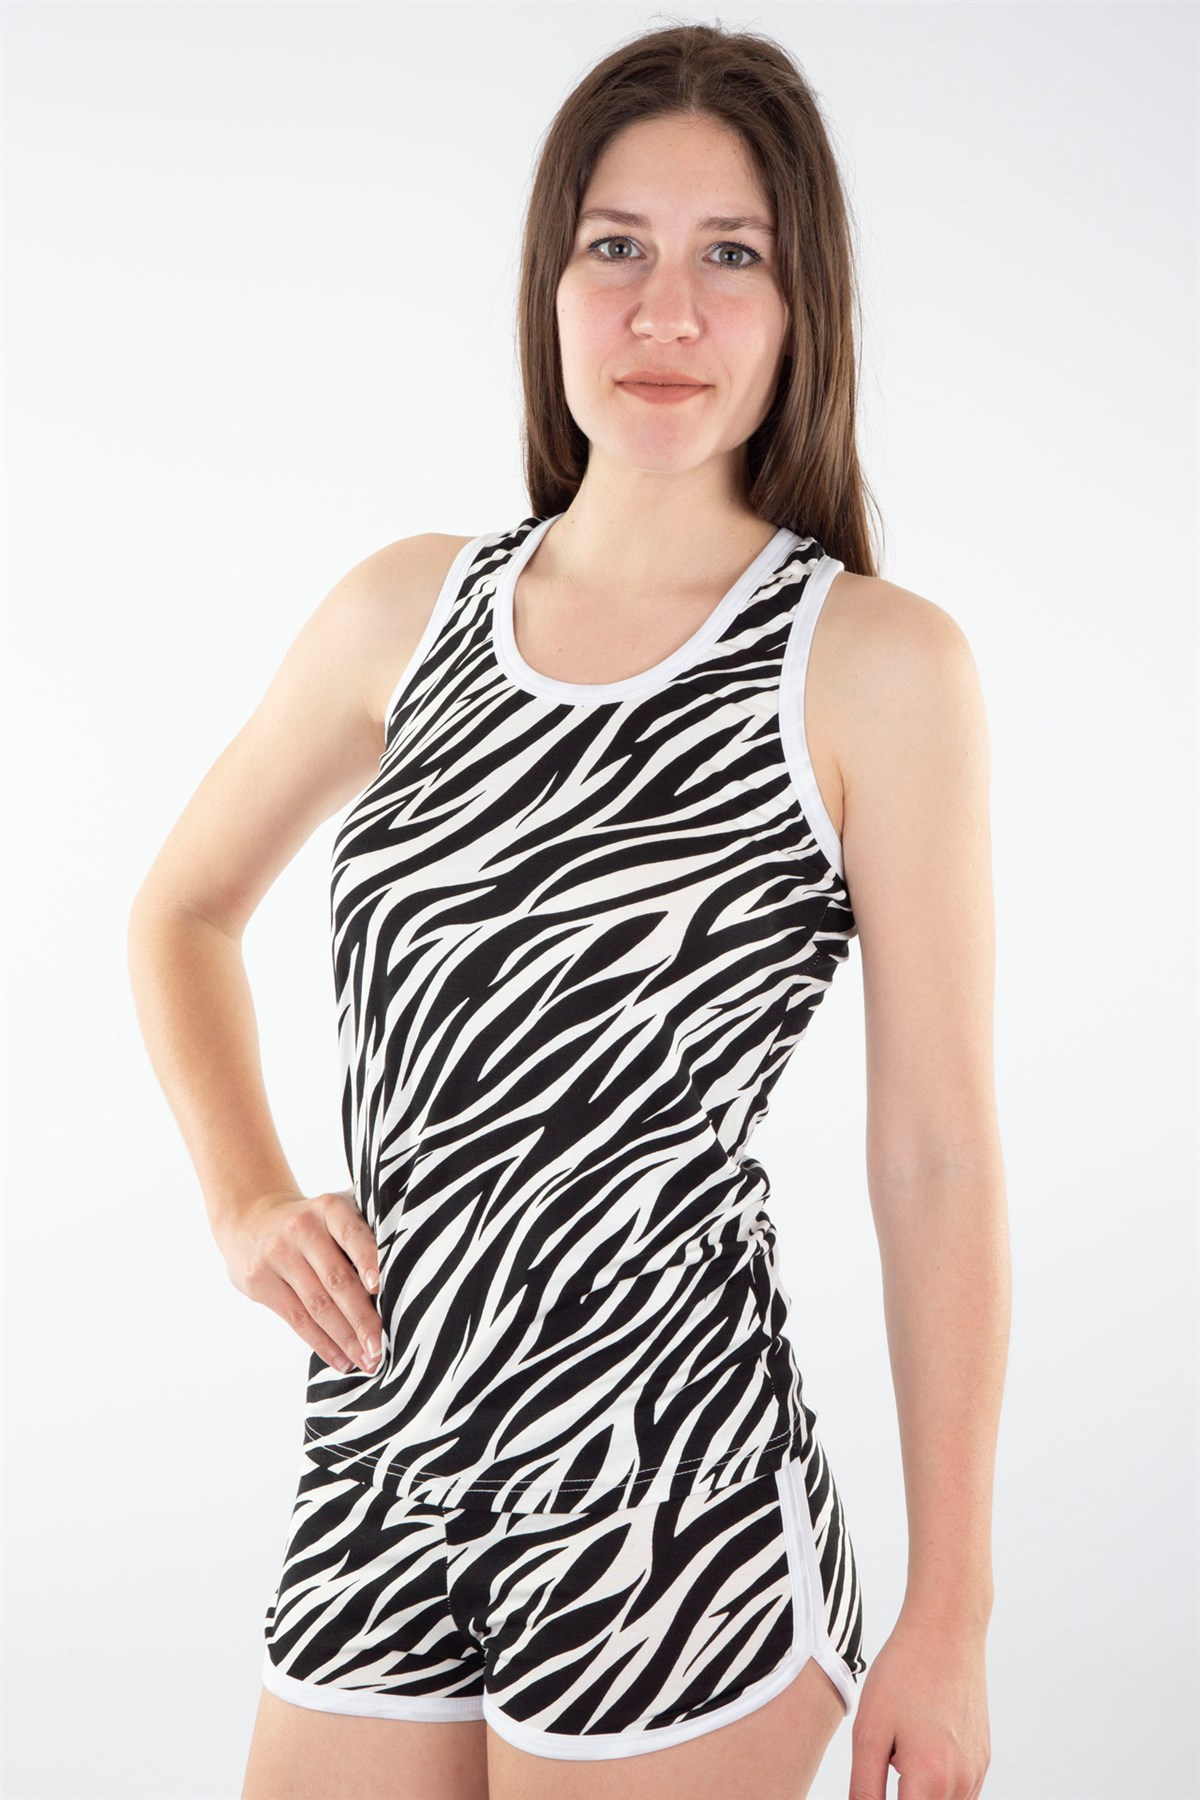 Moda Çizgi Kadın Kalın Askılı Siyah Beyaz Desenli Şortlu Pijama Takımı 592